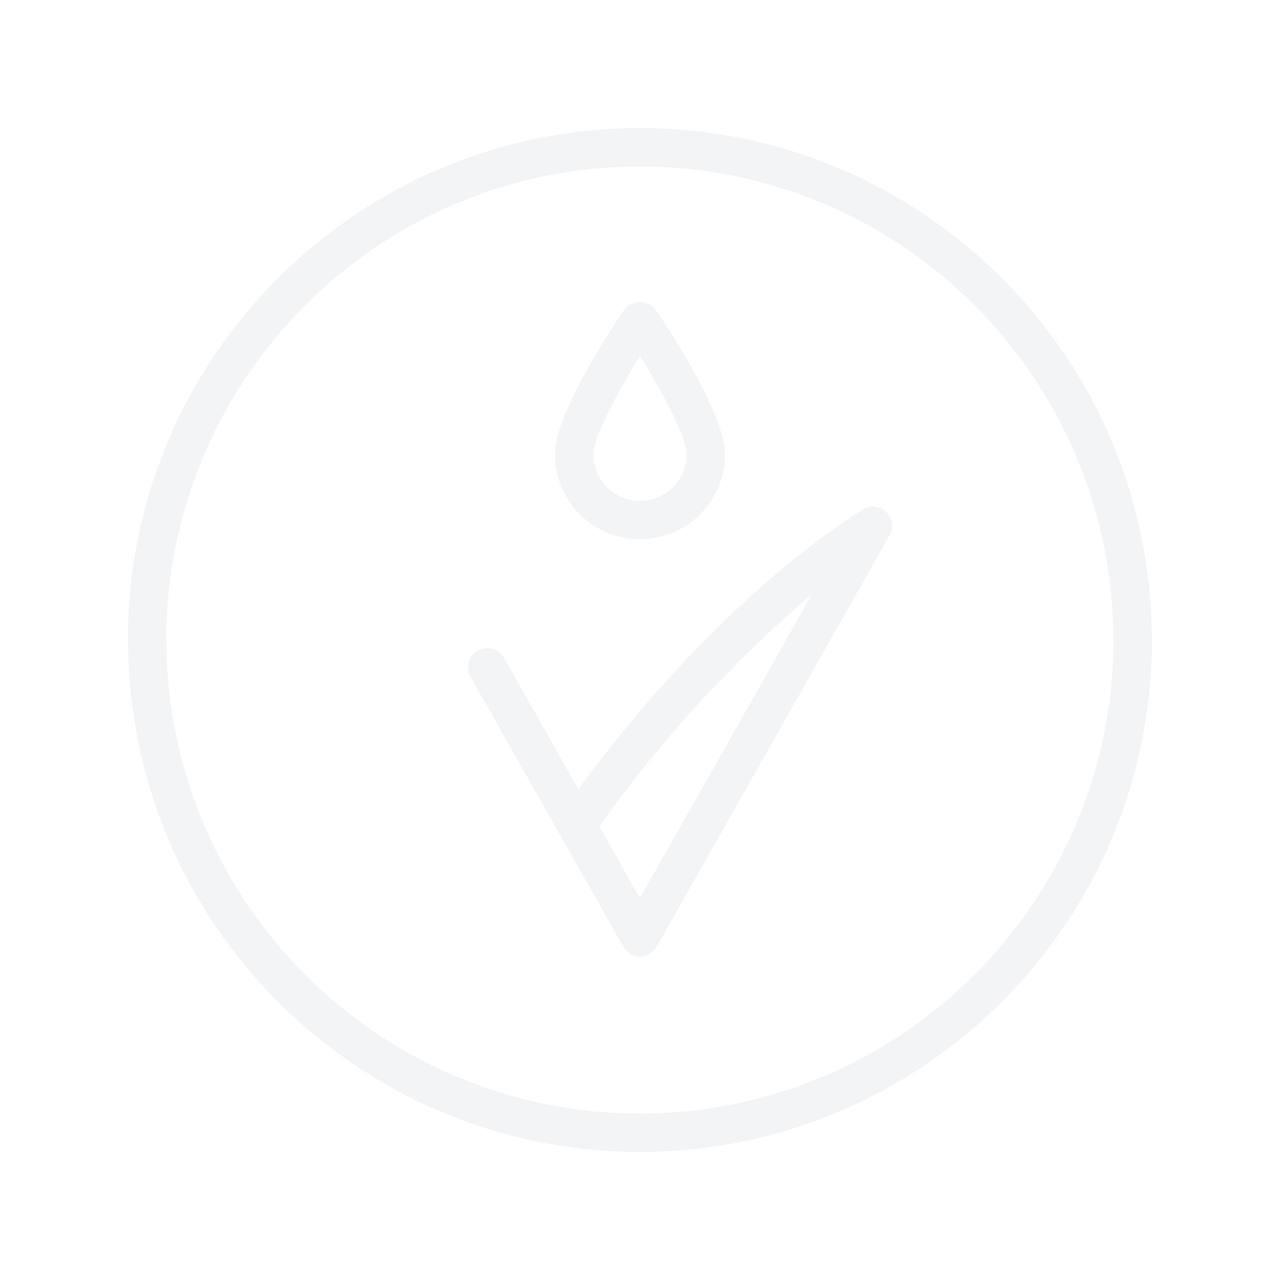 WELLA PROFESSIONALS Invigo Color Brilliance Mask (Fine/Normal) 150ml